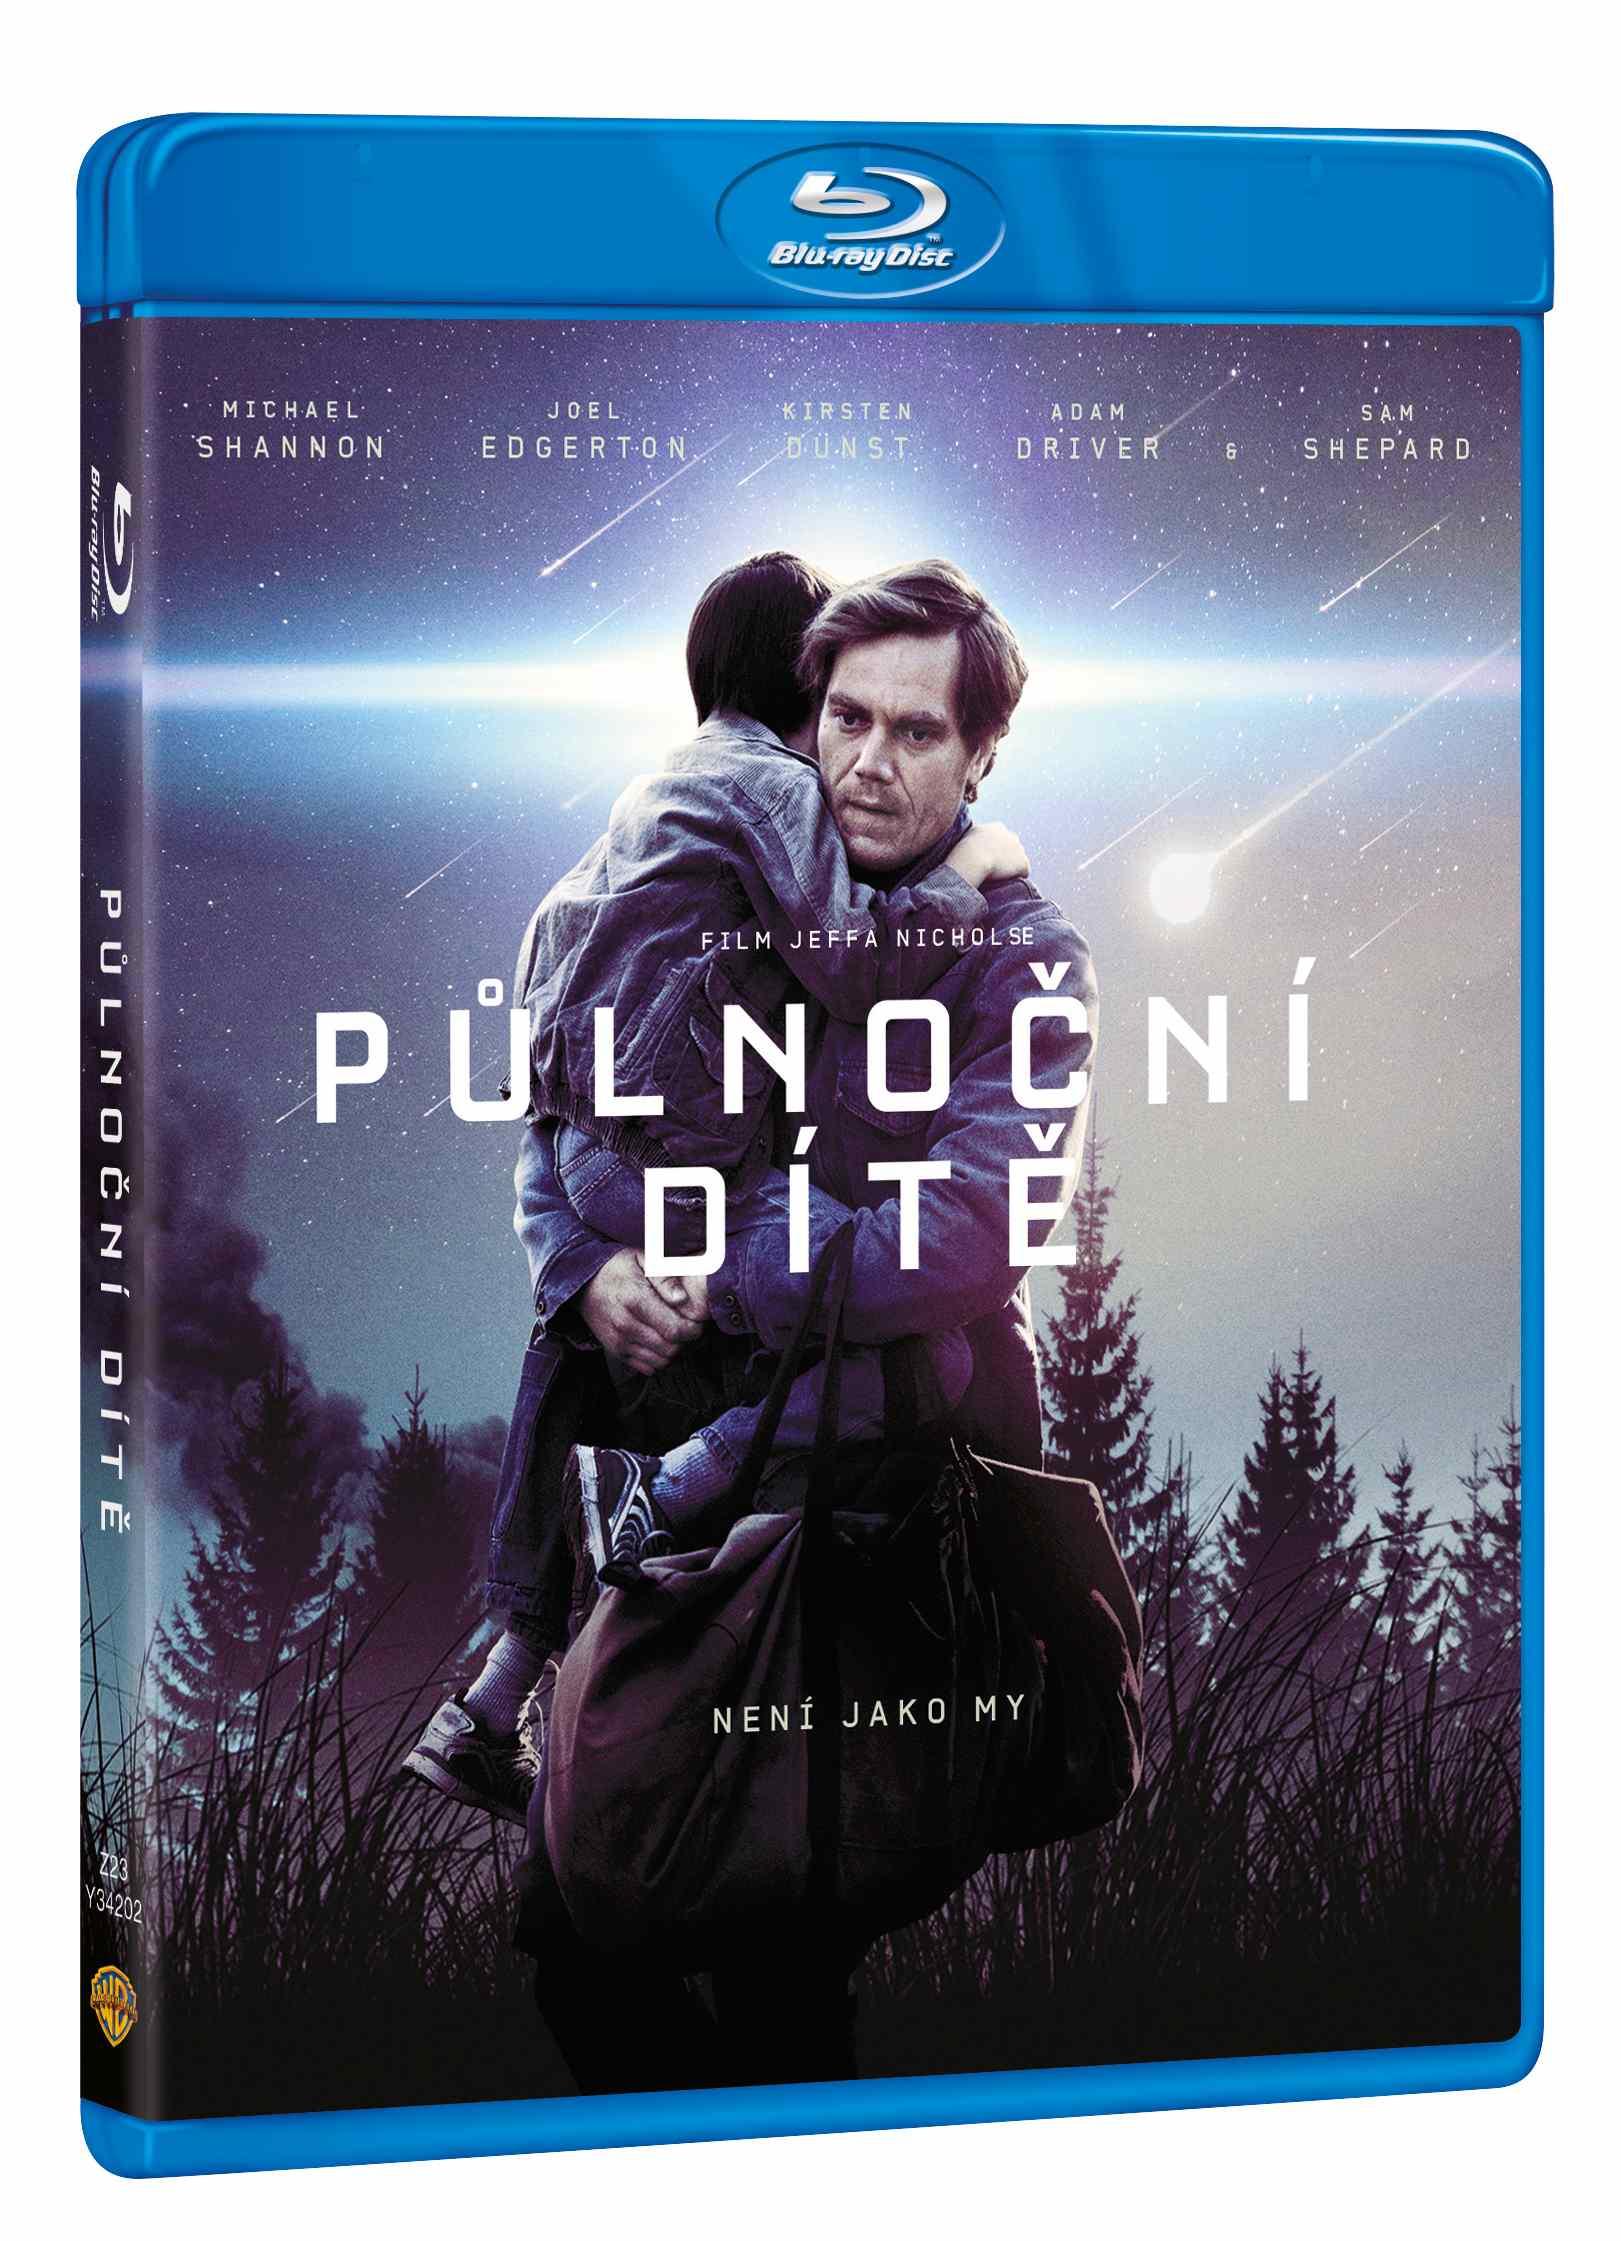 PŮLNOČNÍ DÍTĚ - Blu-ray